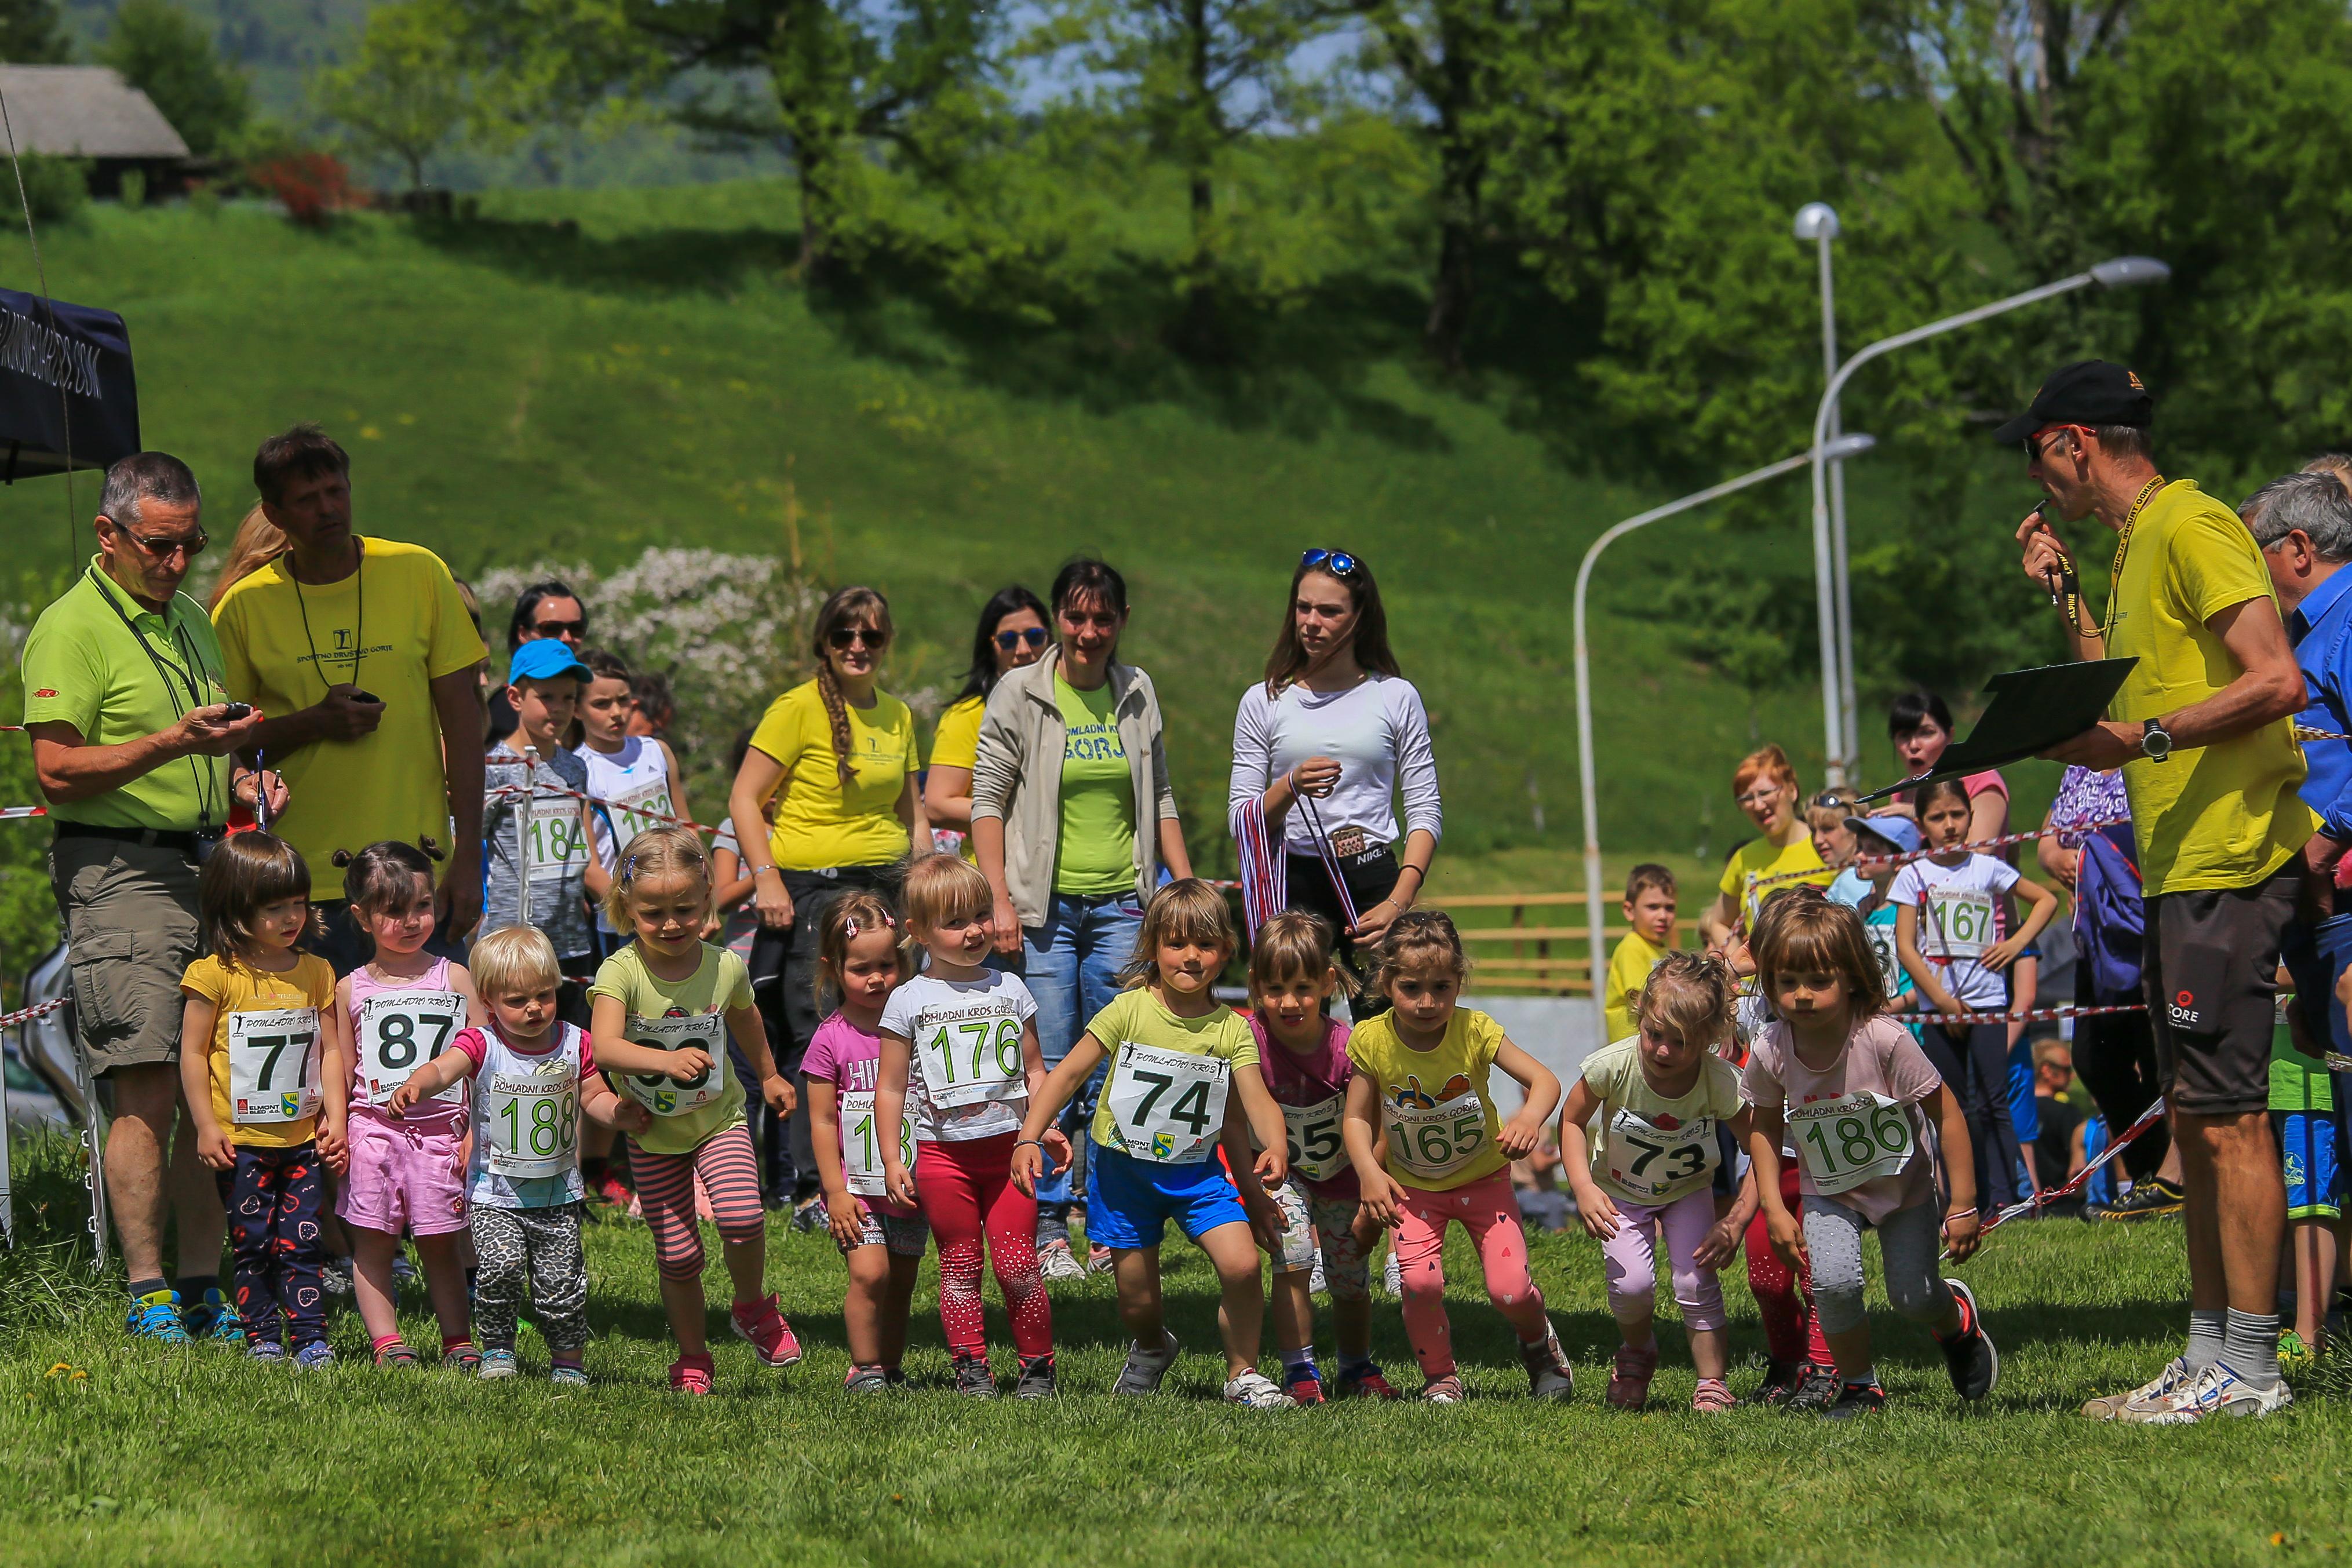 Pomladni kros 2018 start mladi